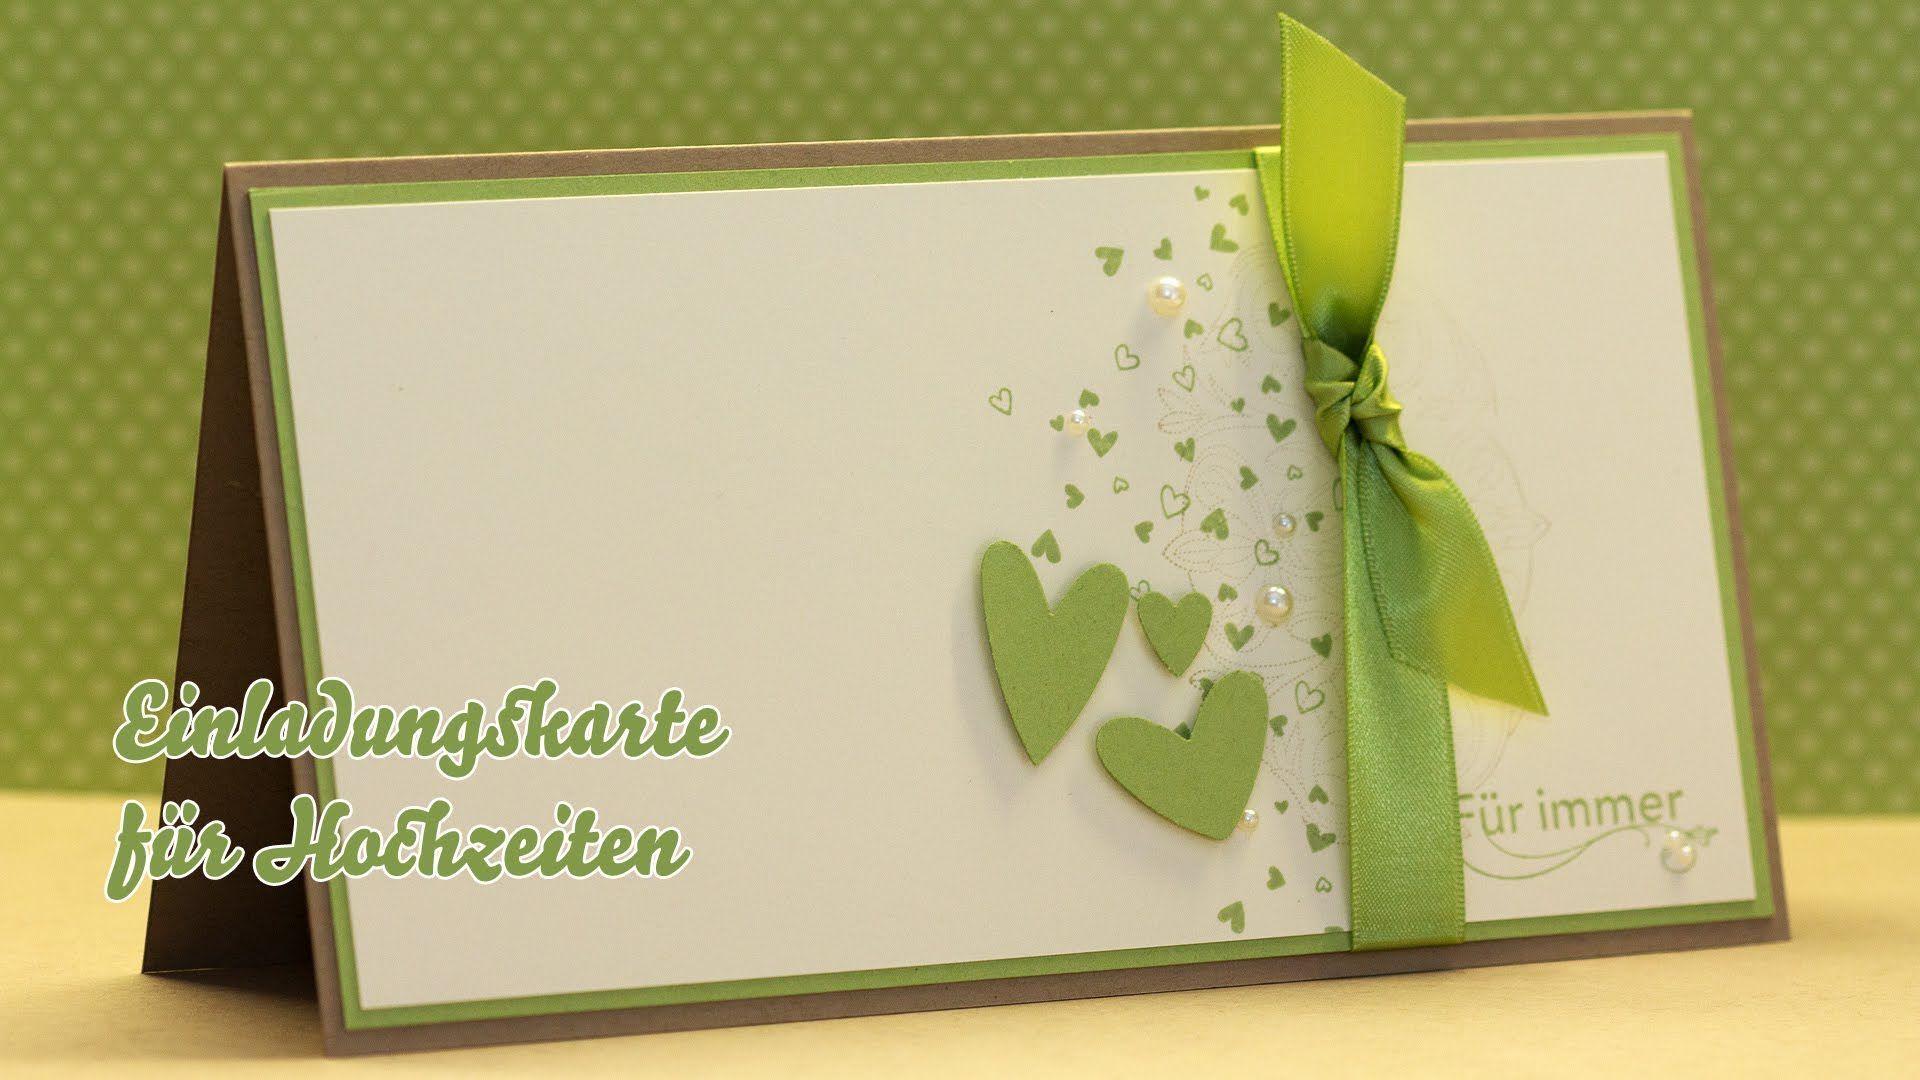 Einladungskarten Selber Gestalten : Einladungskarten Selber Gestalten Und  Ausdrucken Kostenlos   Einladungskarten Online   Einladungskarten Online